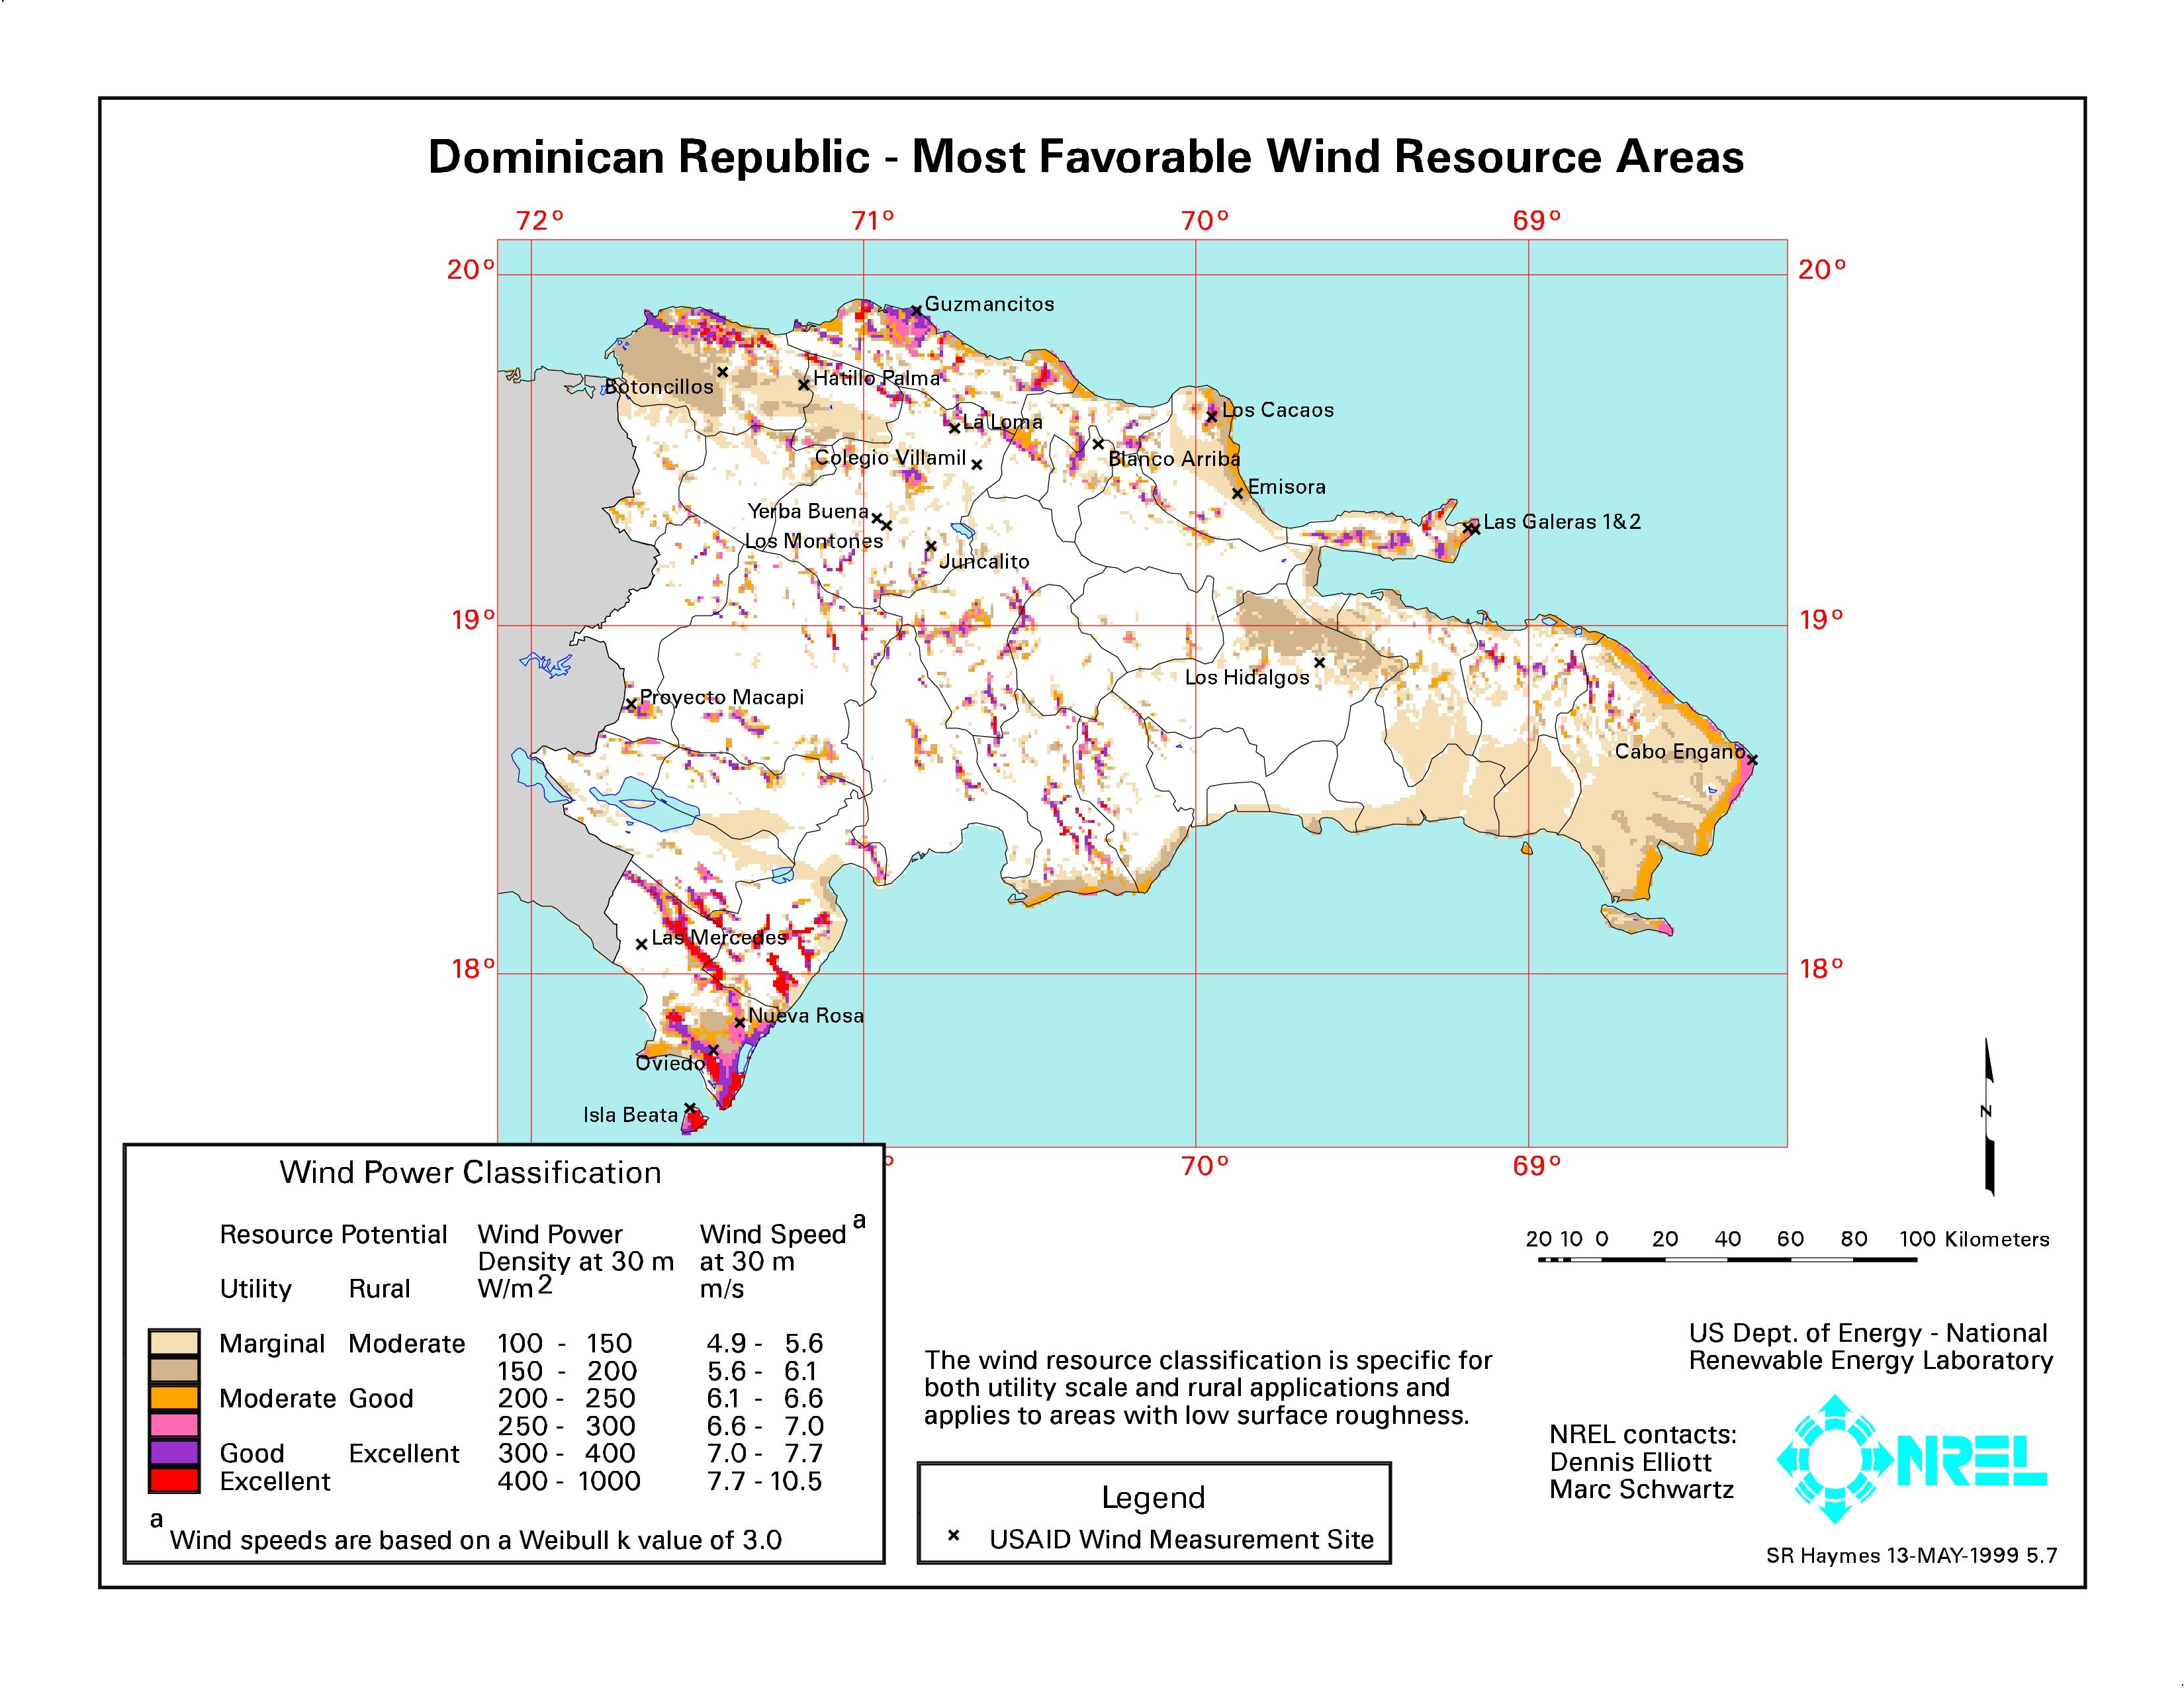 La eólica en República Dominicana